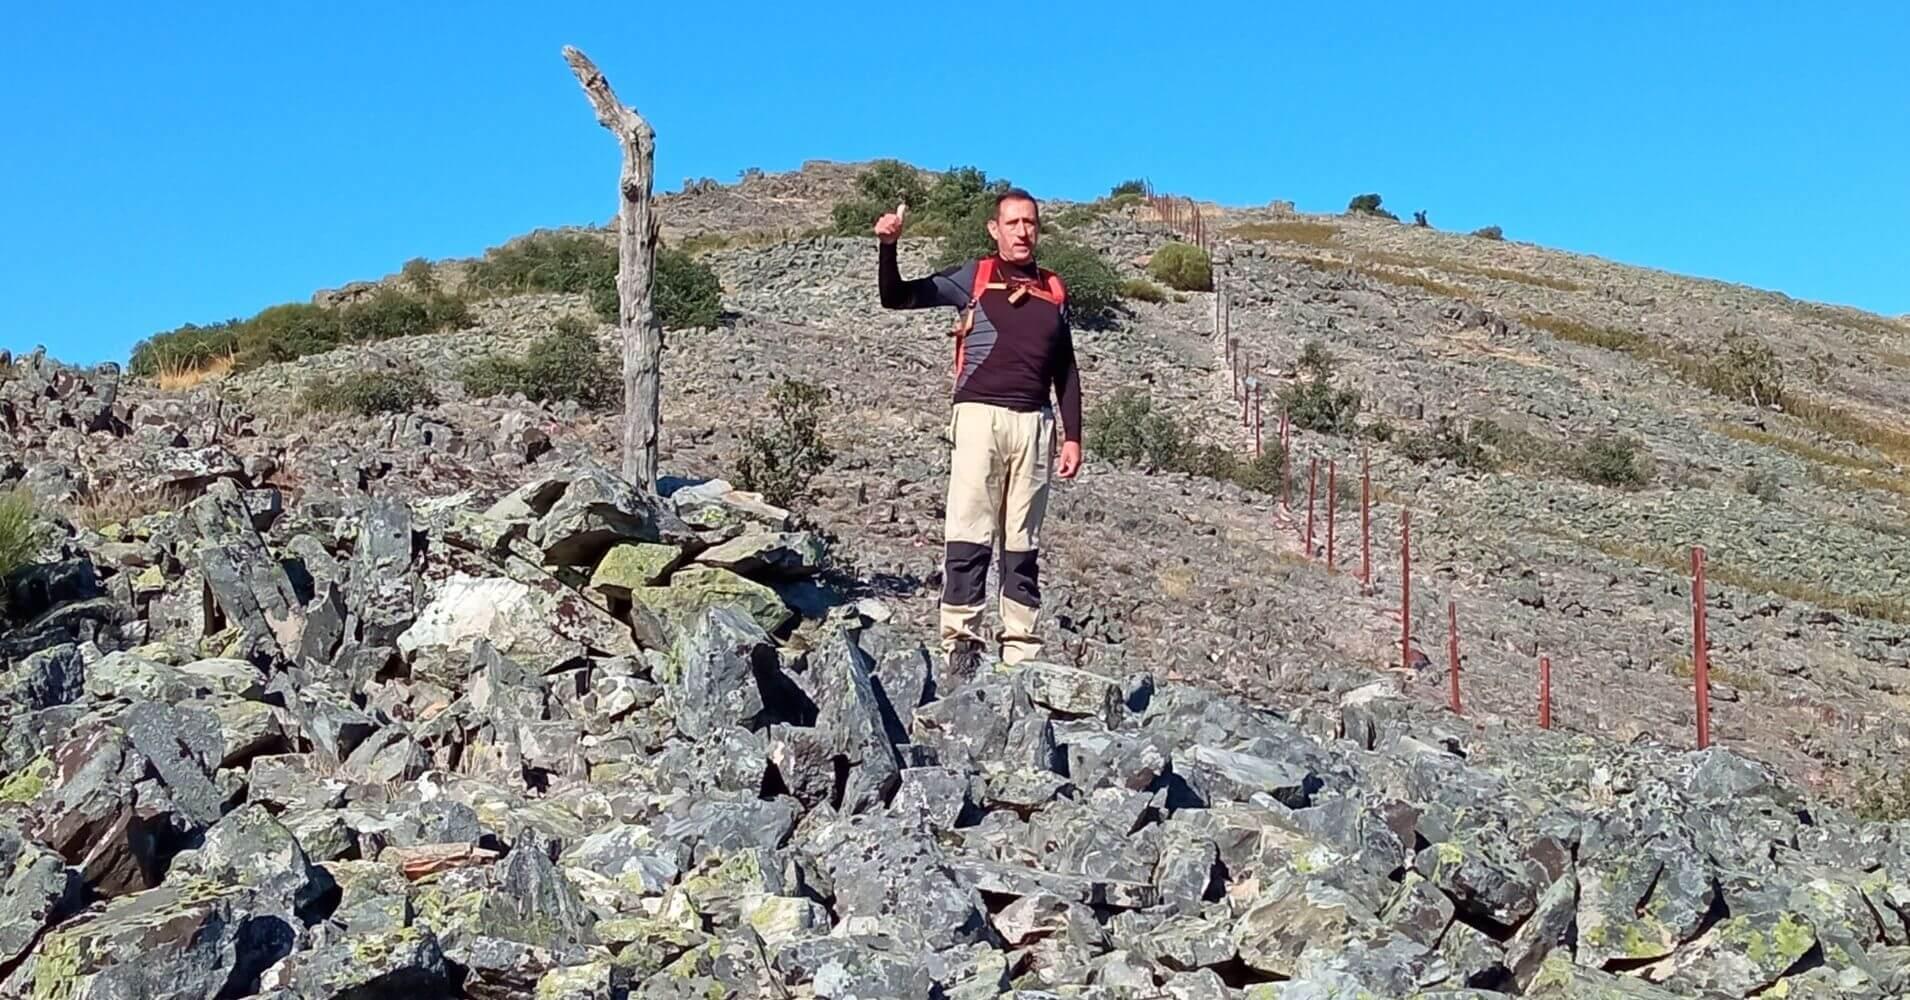 Pedregal Camino del Cerro Vicente 1430m. Montes de Toledo. Las Navillas, Menasalbas. Castilla la Mancha.